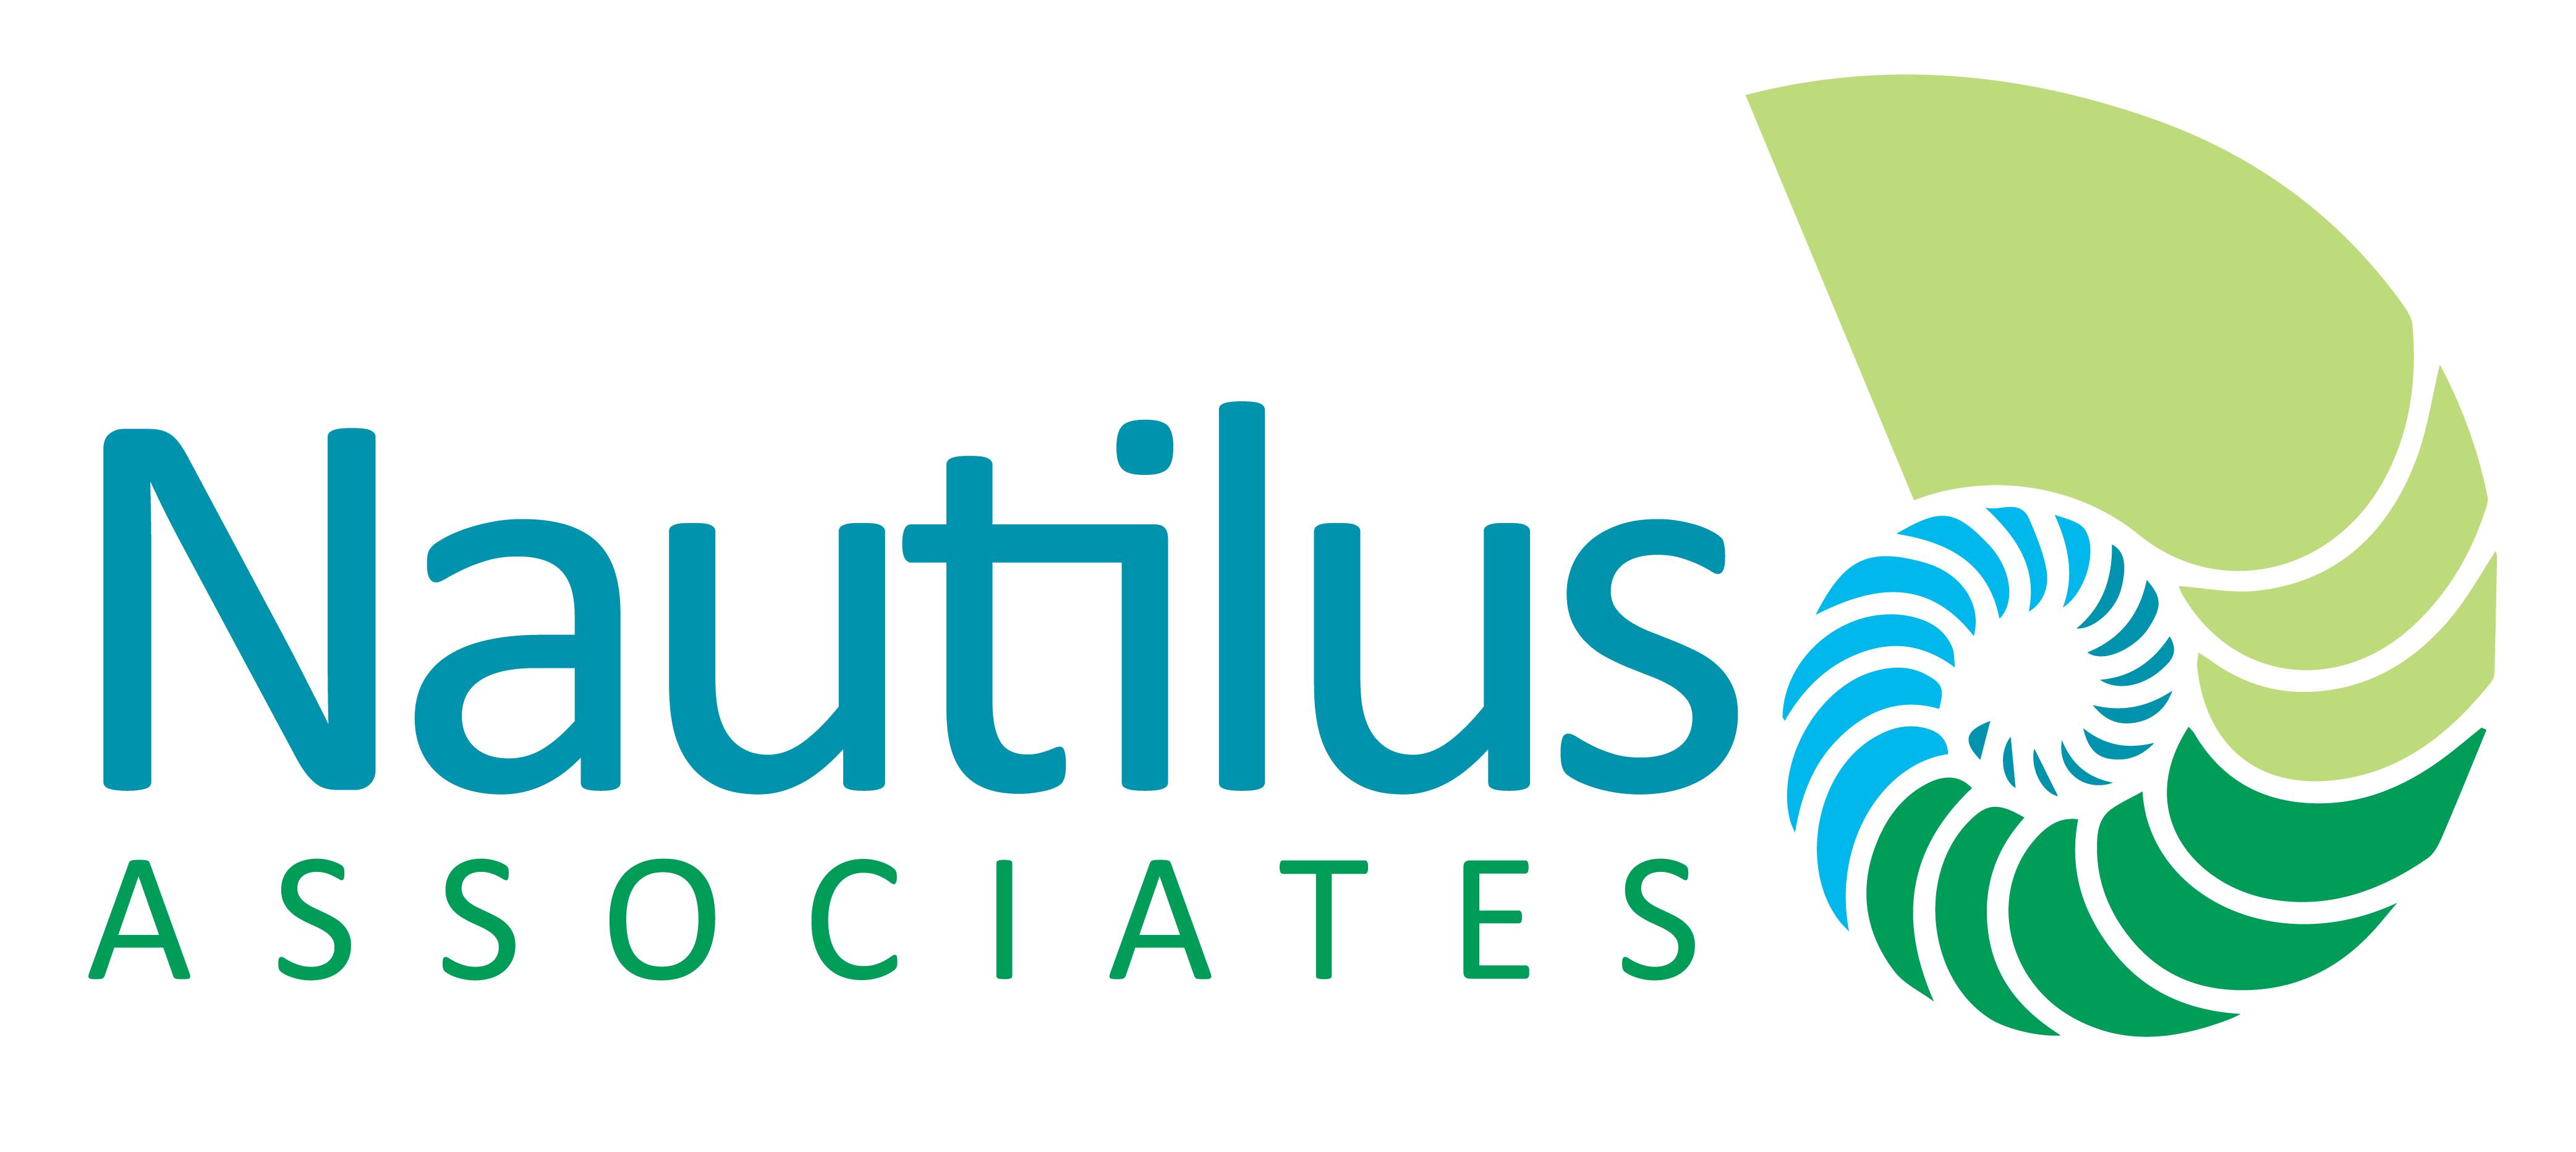 Nautilus Associates